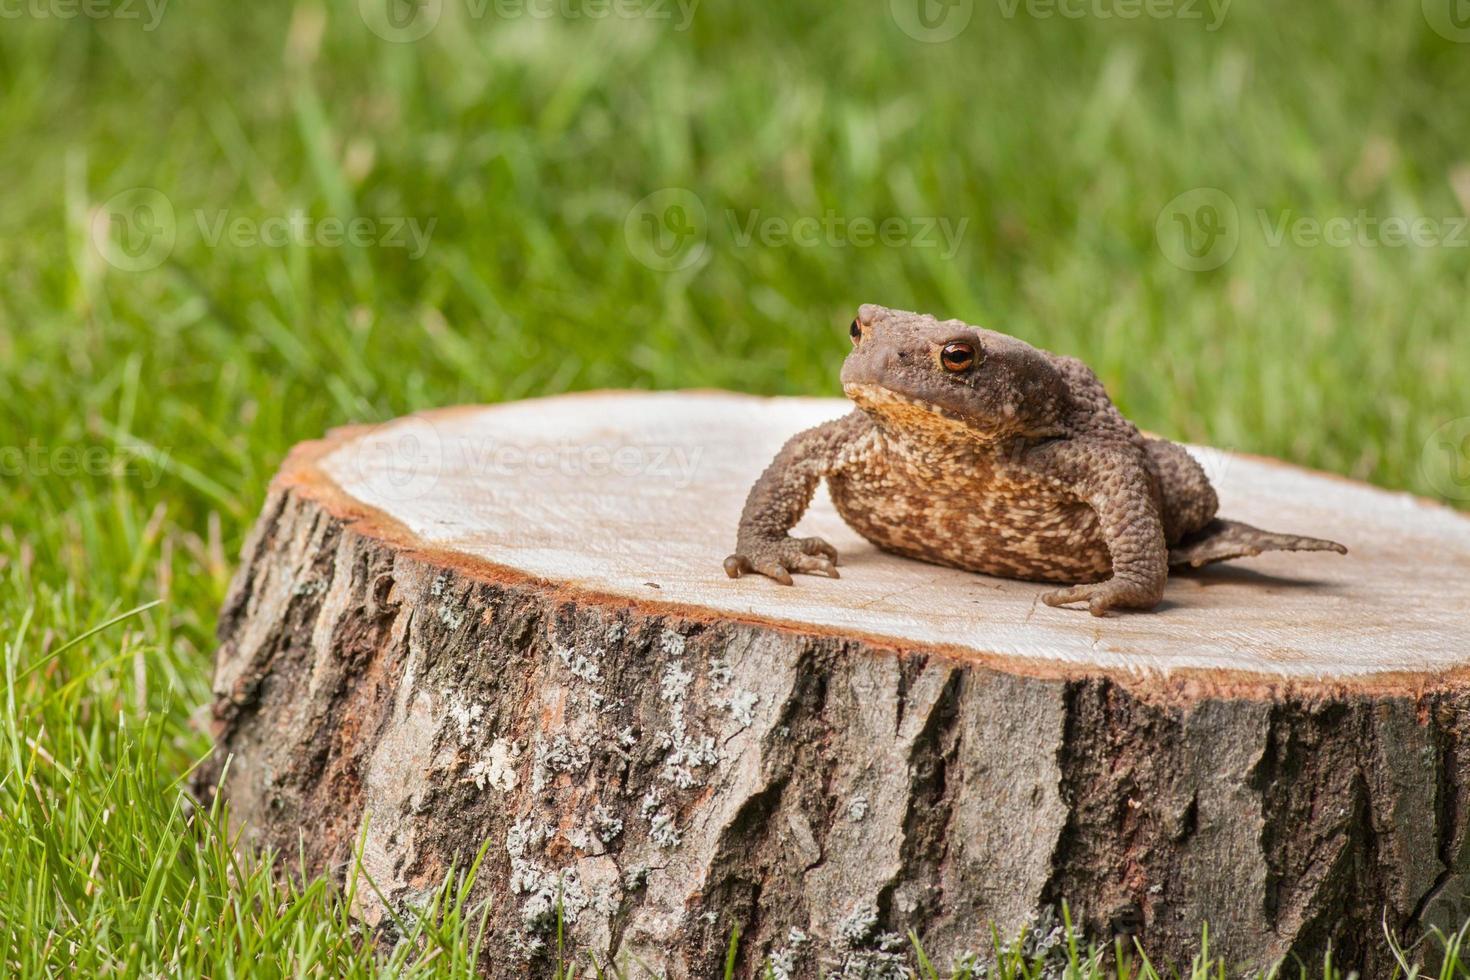 grenouille sur la souche d'arbre photo